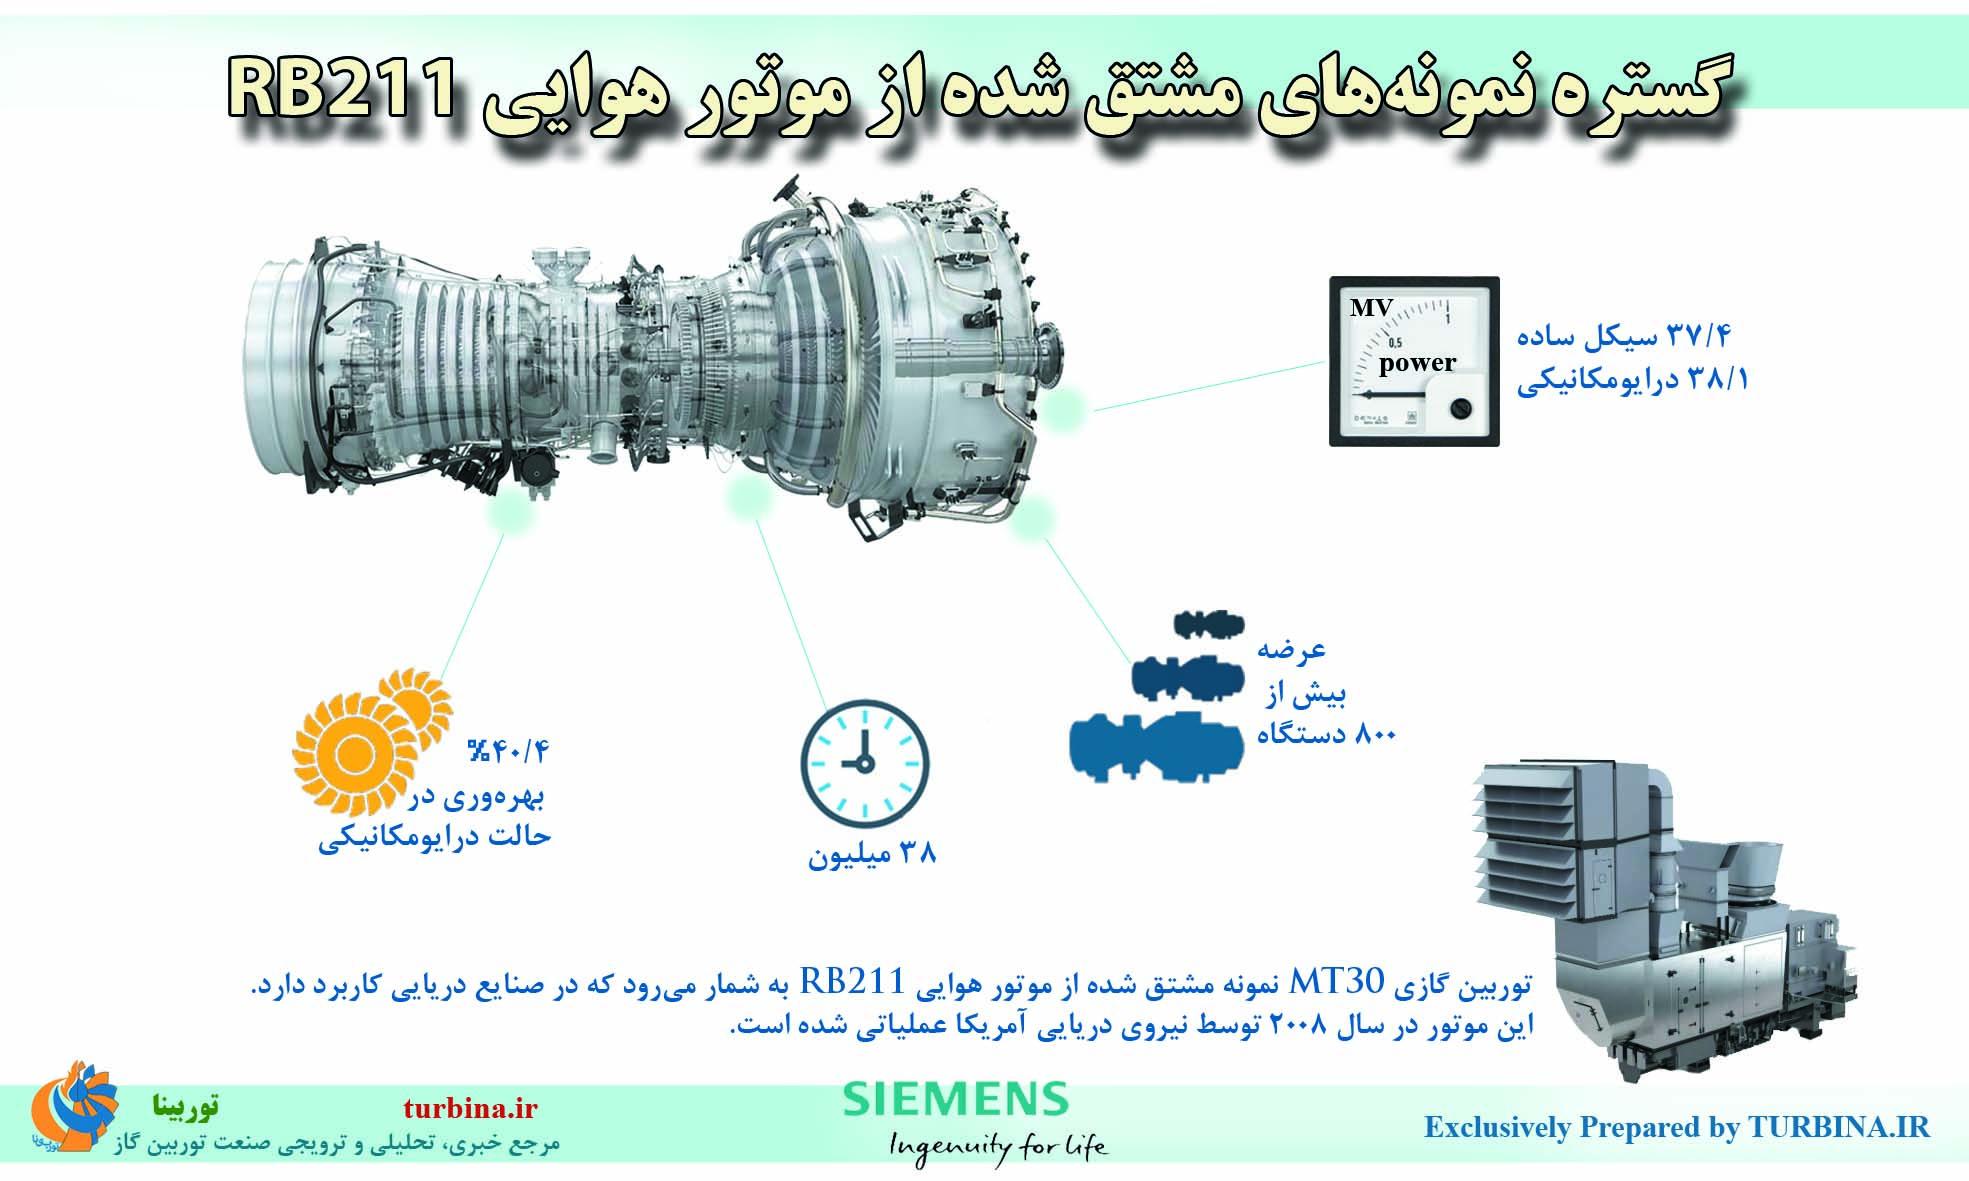 گستره نمونههای مشتقشده از موتور هوایی RB211